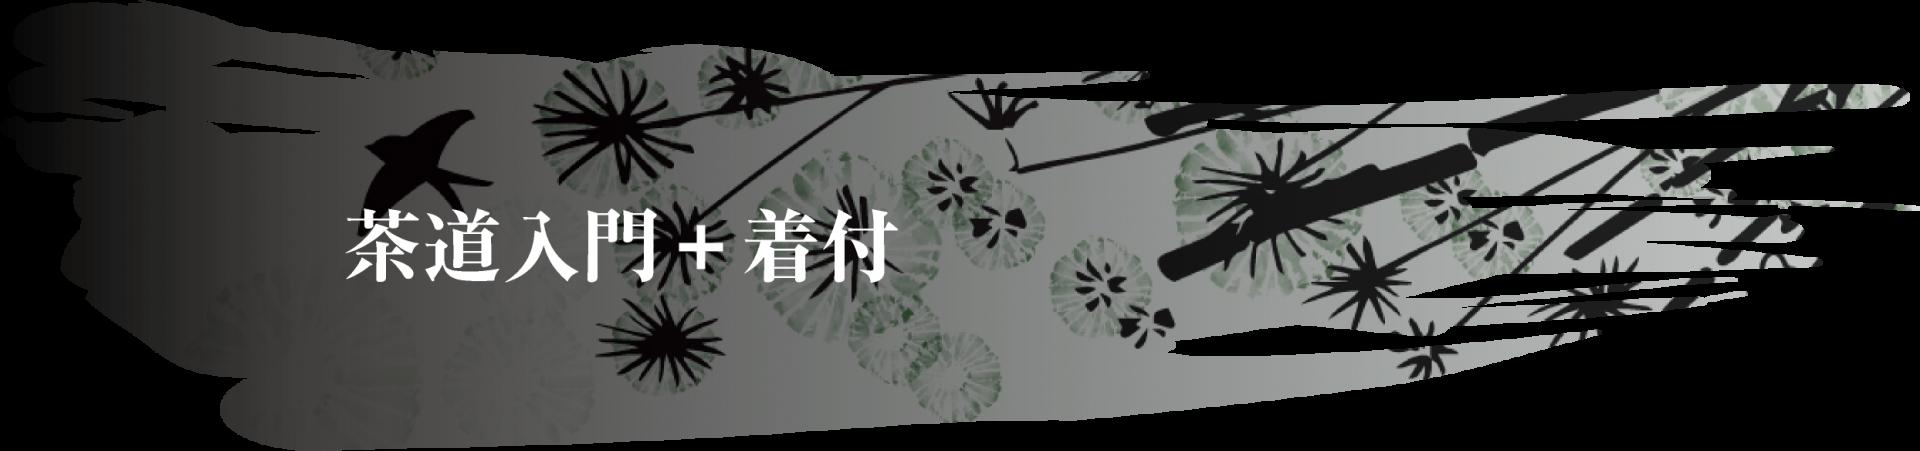 茶道入門+着付